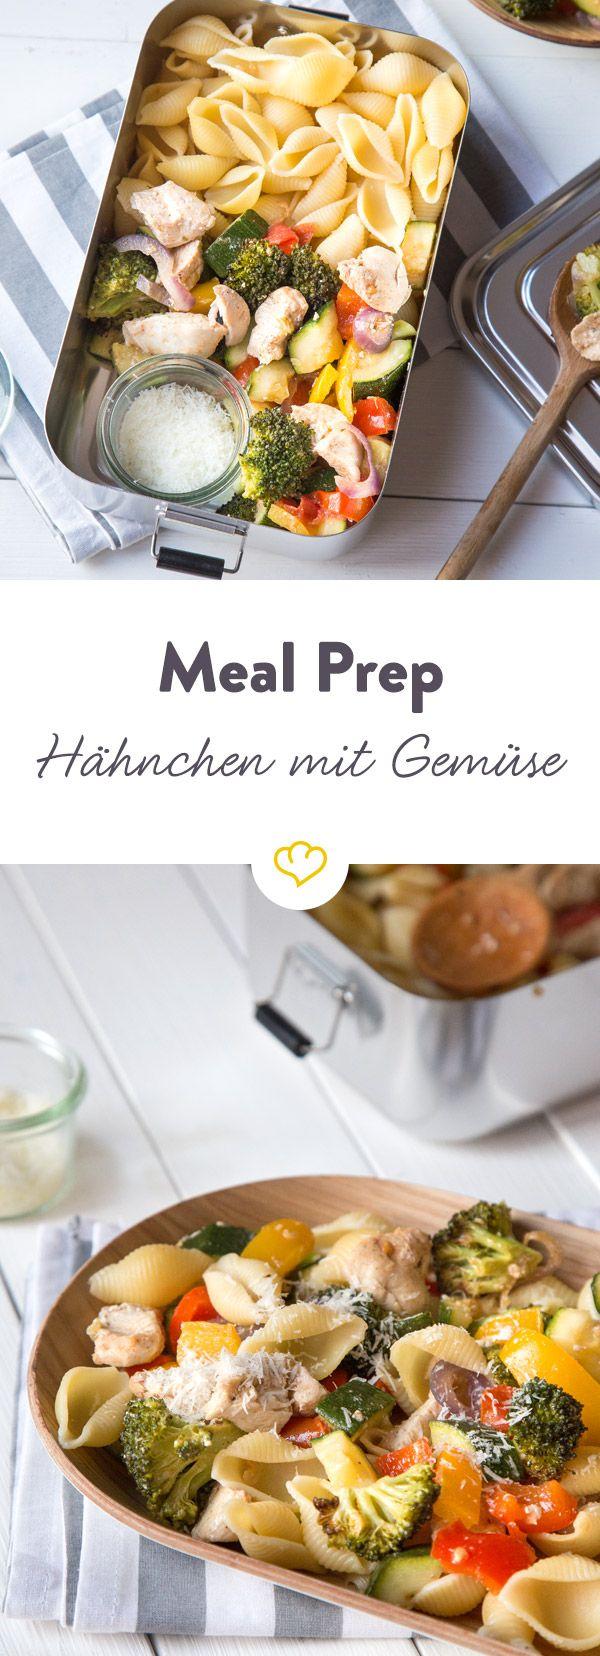 Bereite dir dieses Ofenhähnchen mit buntem Gemüse und Pasta einfach und schnell vorher zu und zaubere es in deiner Mittagspause aus der Lunchbox.